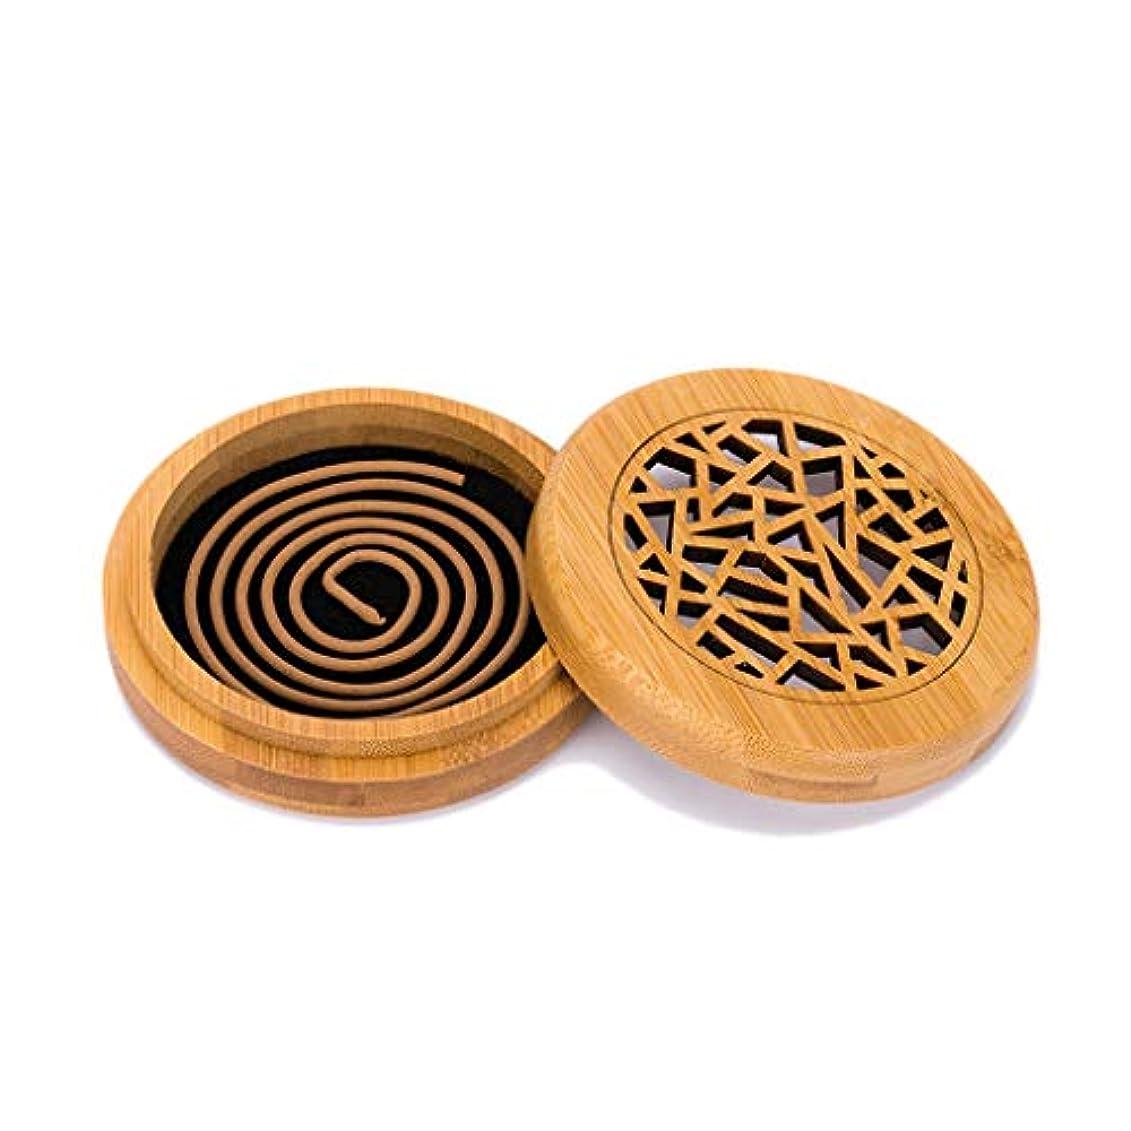 似ている促進する罹患率竹の香バーナーコイルの香バーナー部屋の装飾瞑想竹の香り天然素材香ホルダー (Color : WOOD, サイズ : Round)